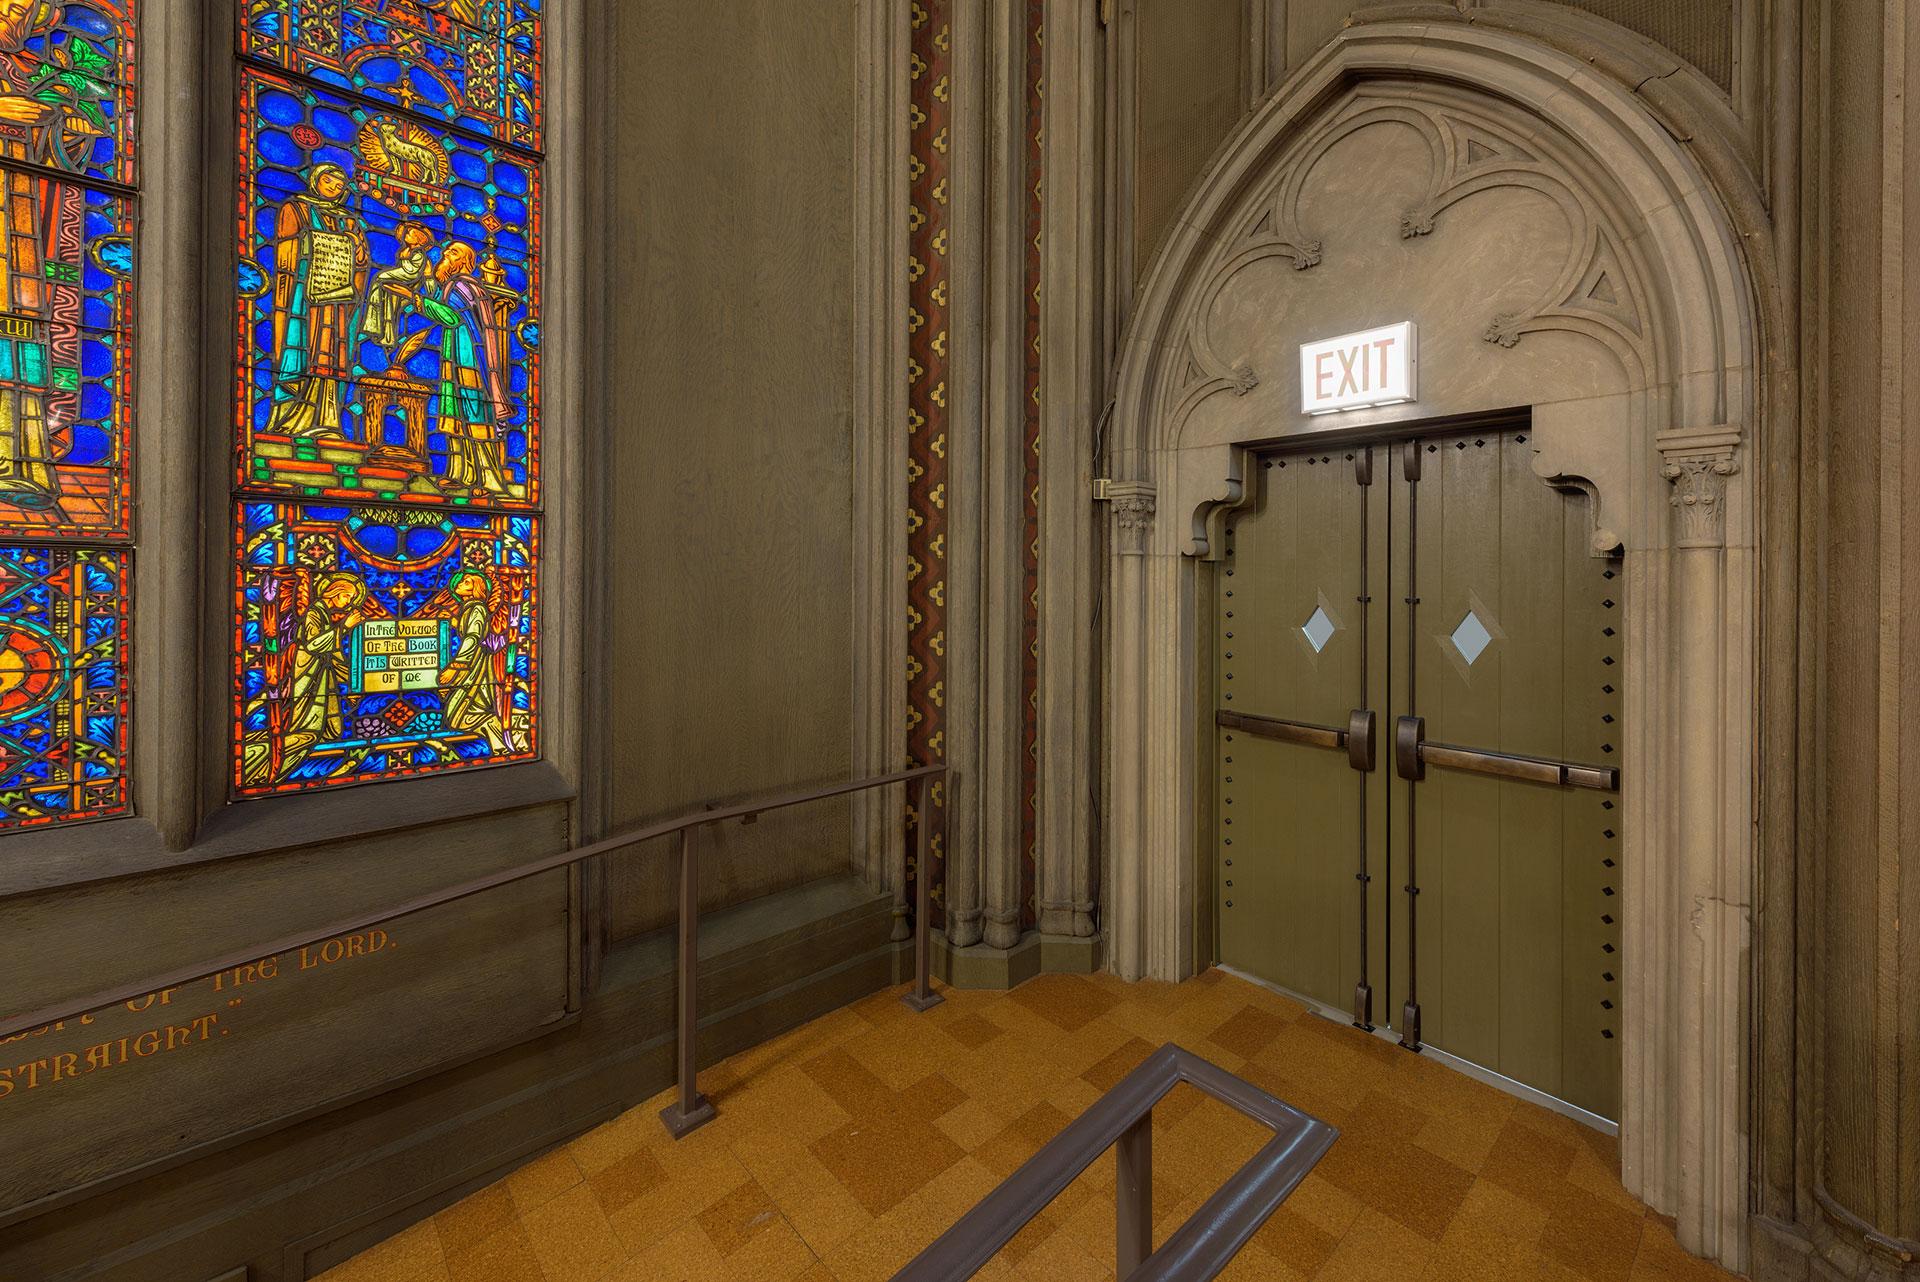 Custom Specialty Doors, Fire Rated Doors, Historical Renovation Doors